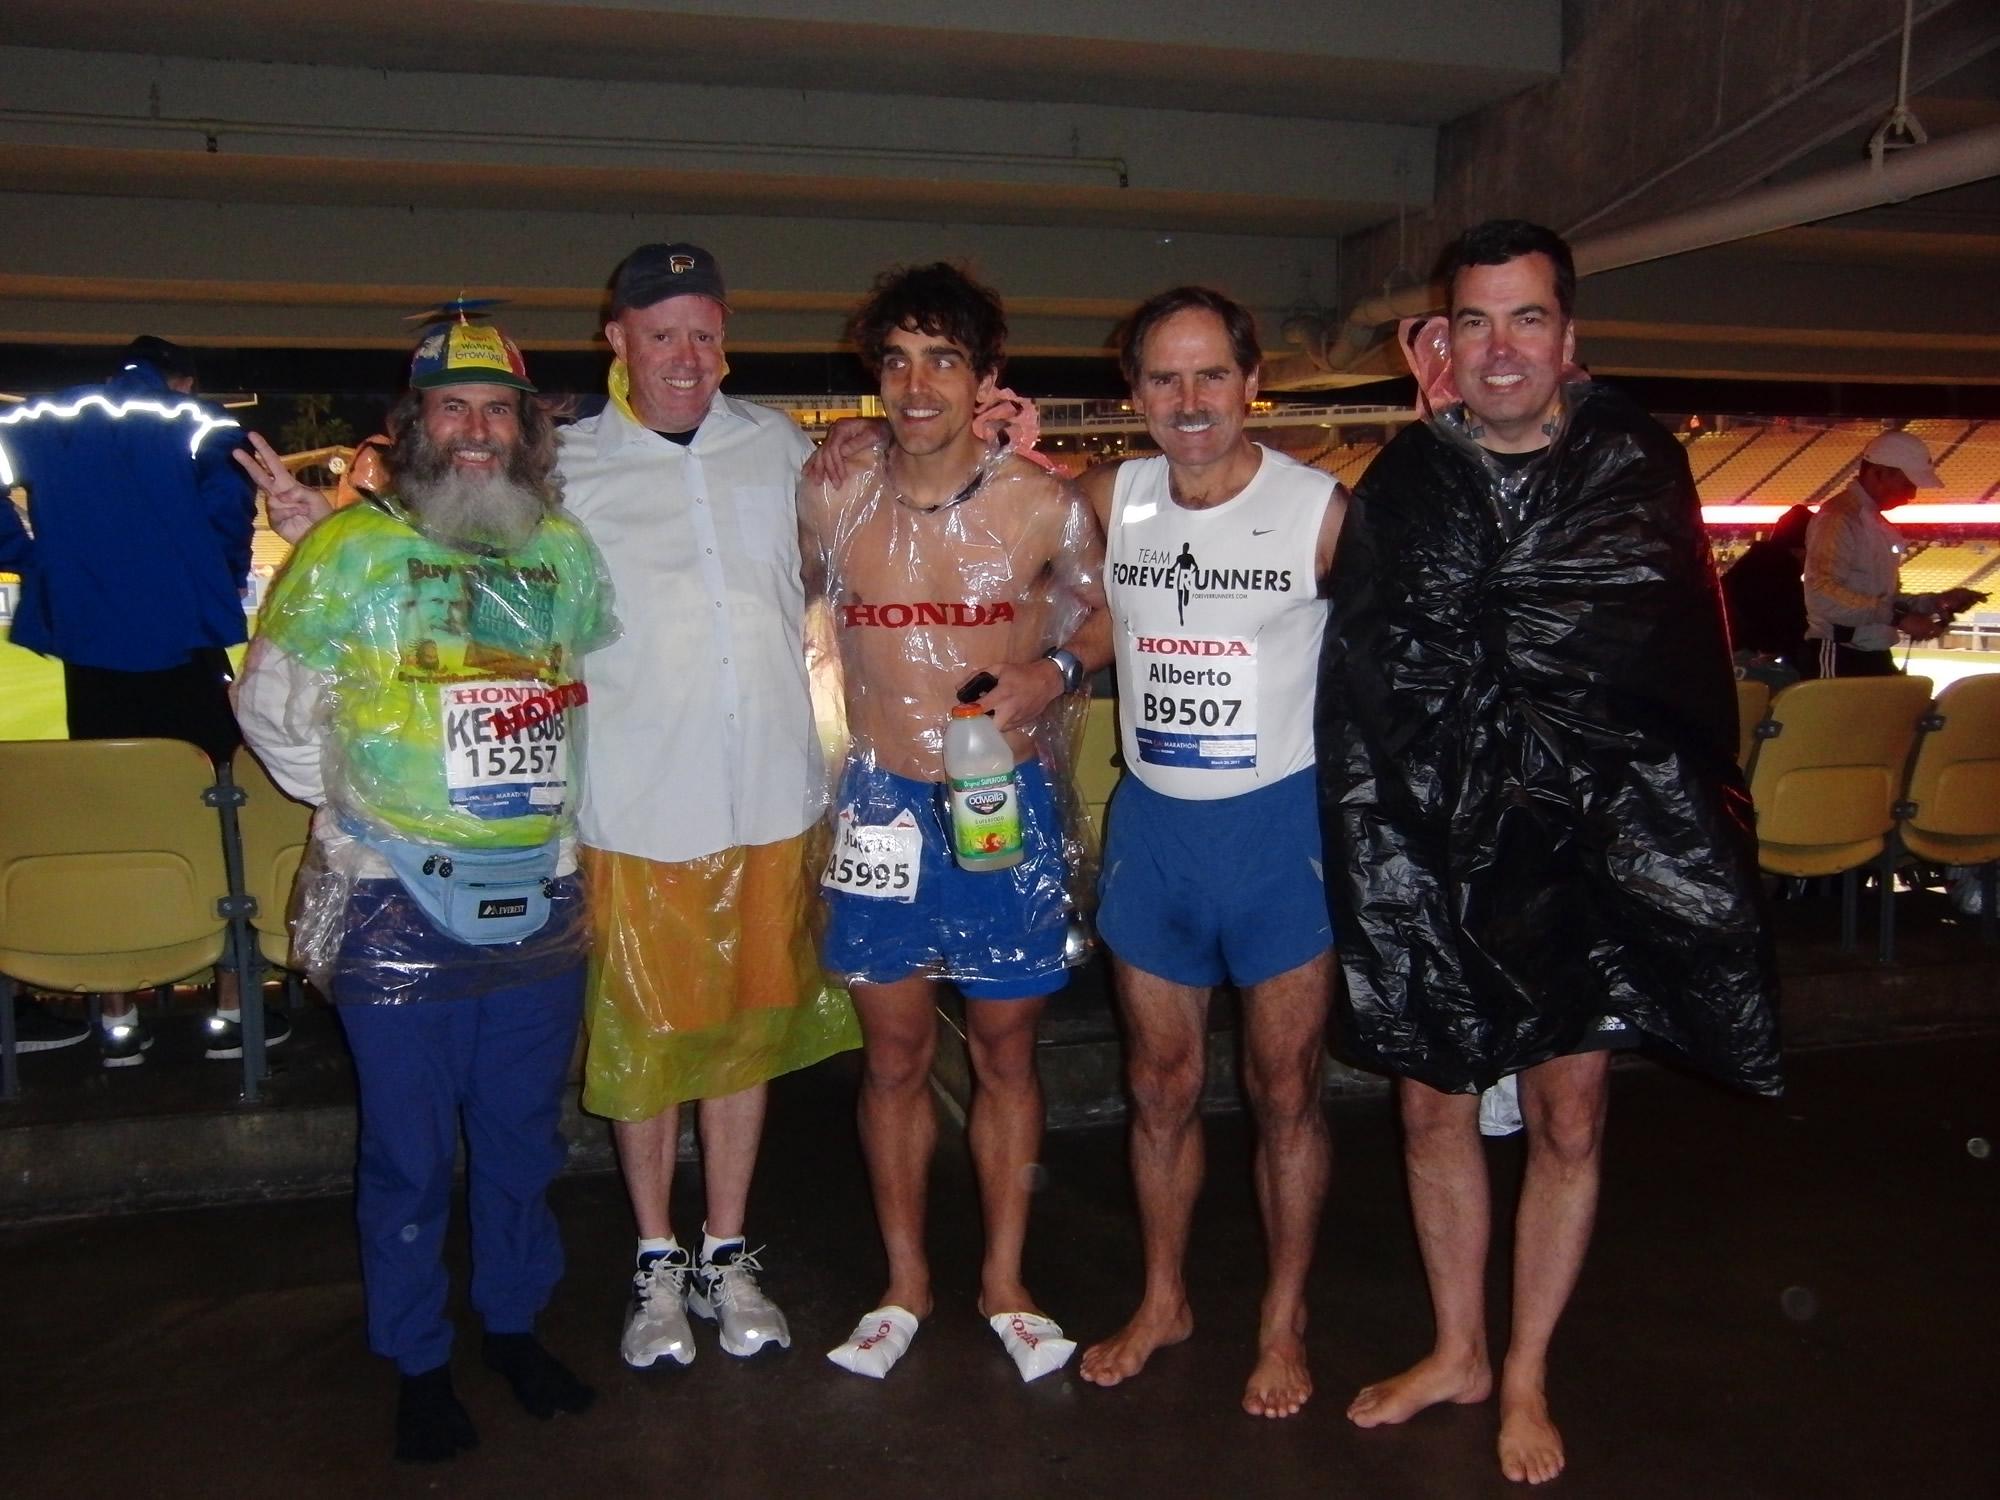 Ken Bob, Tom, Julian, Alberto, Craig (2011 March 20) Los Angeles Marathon